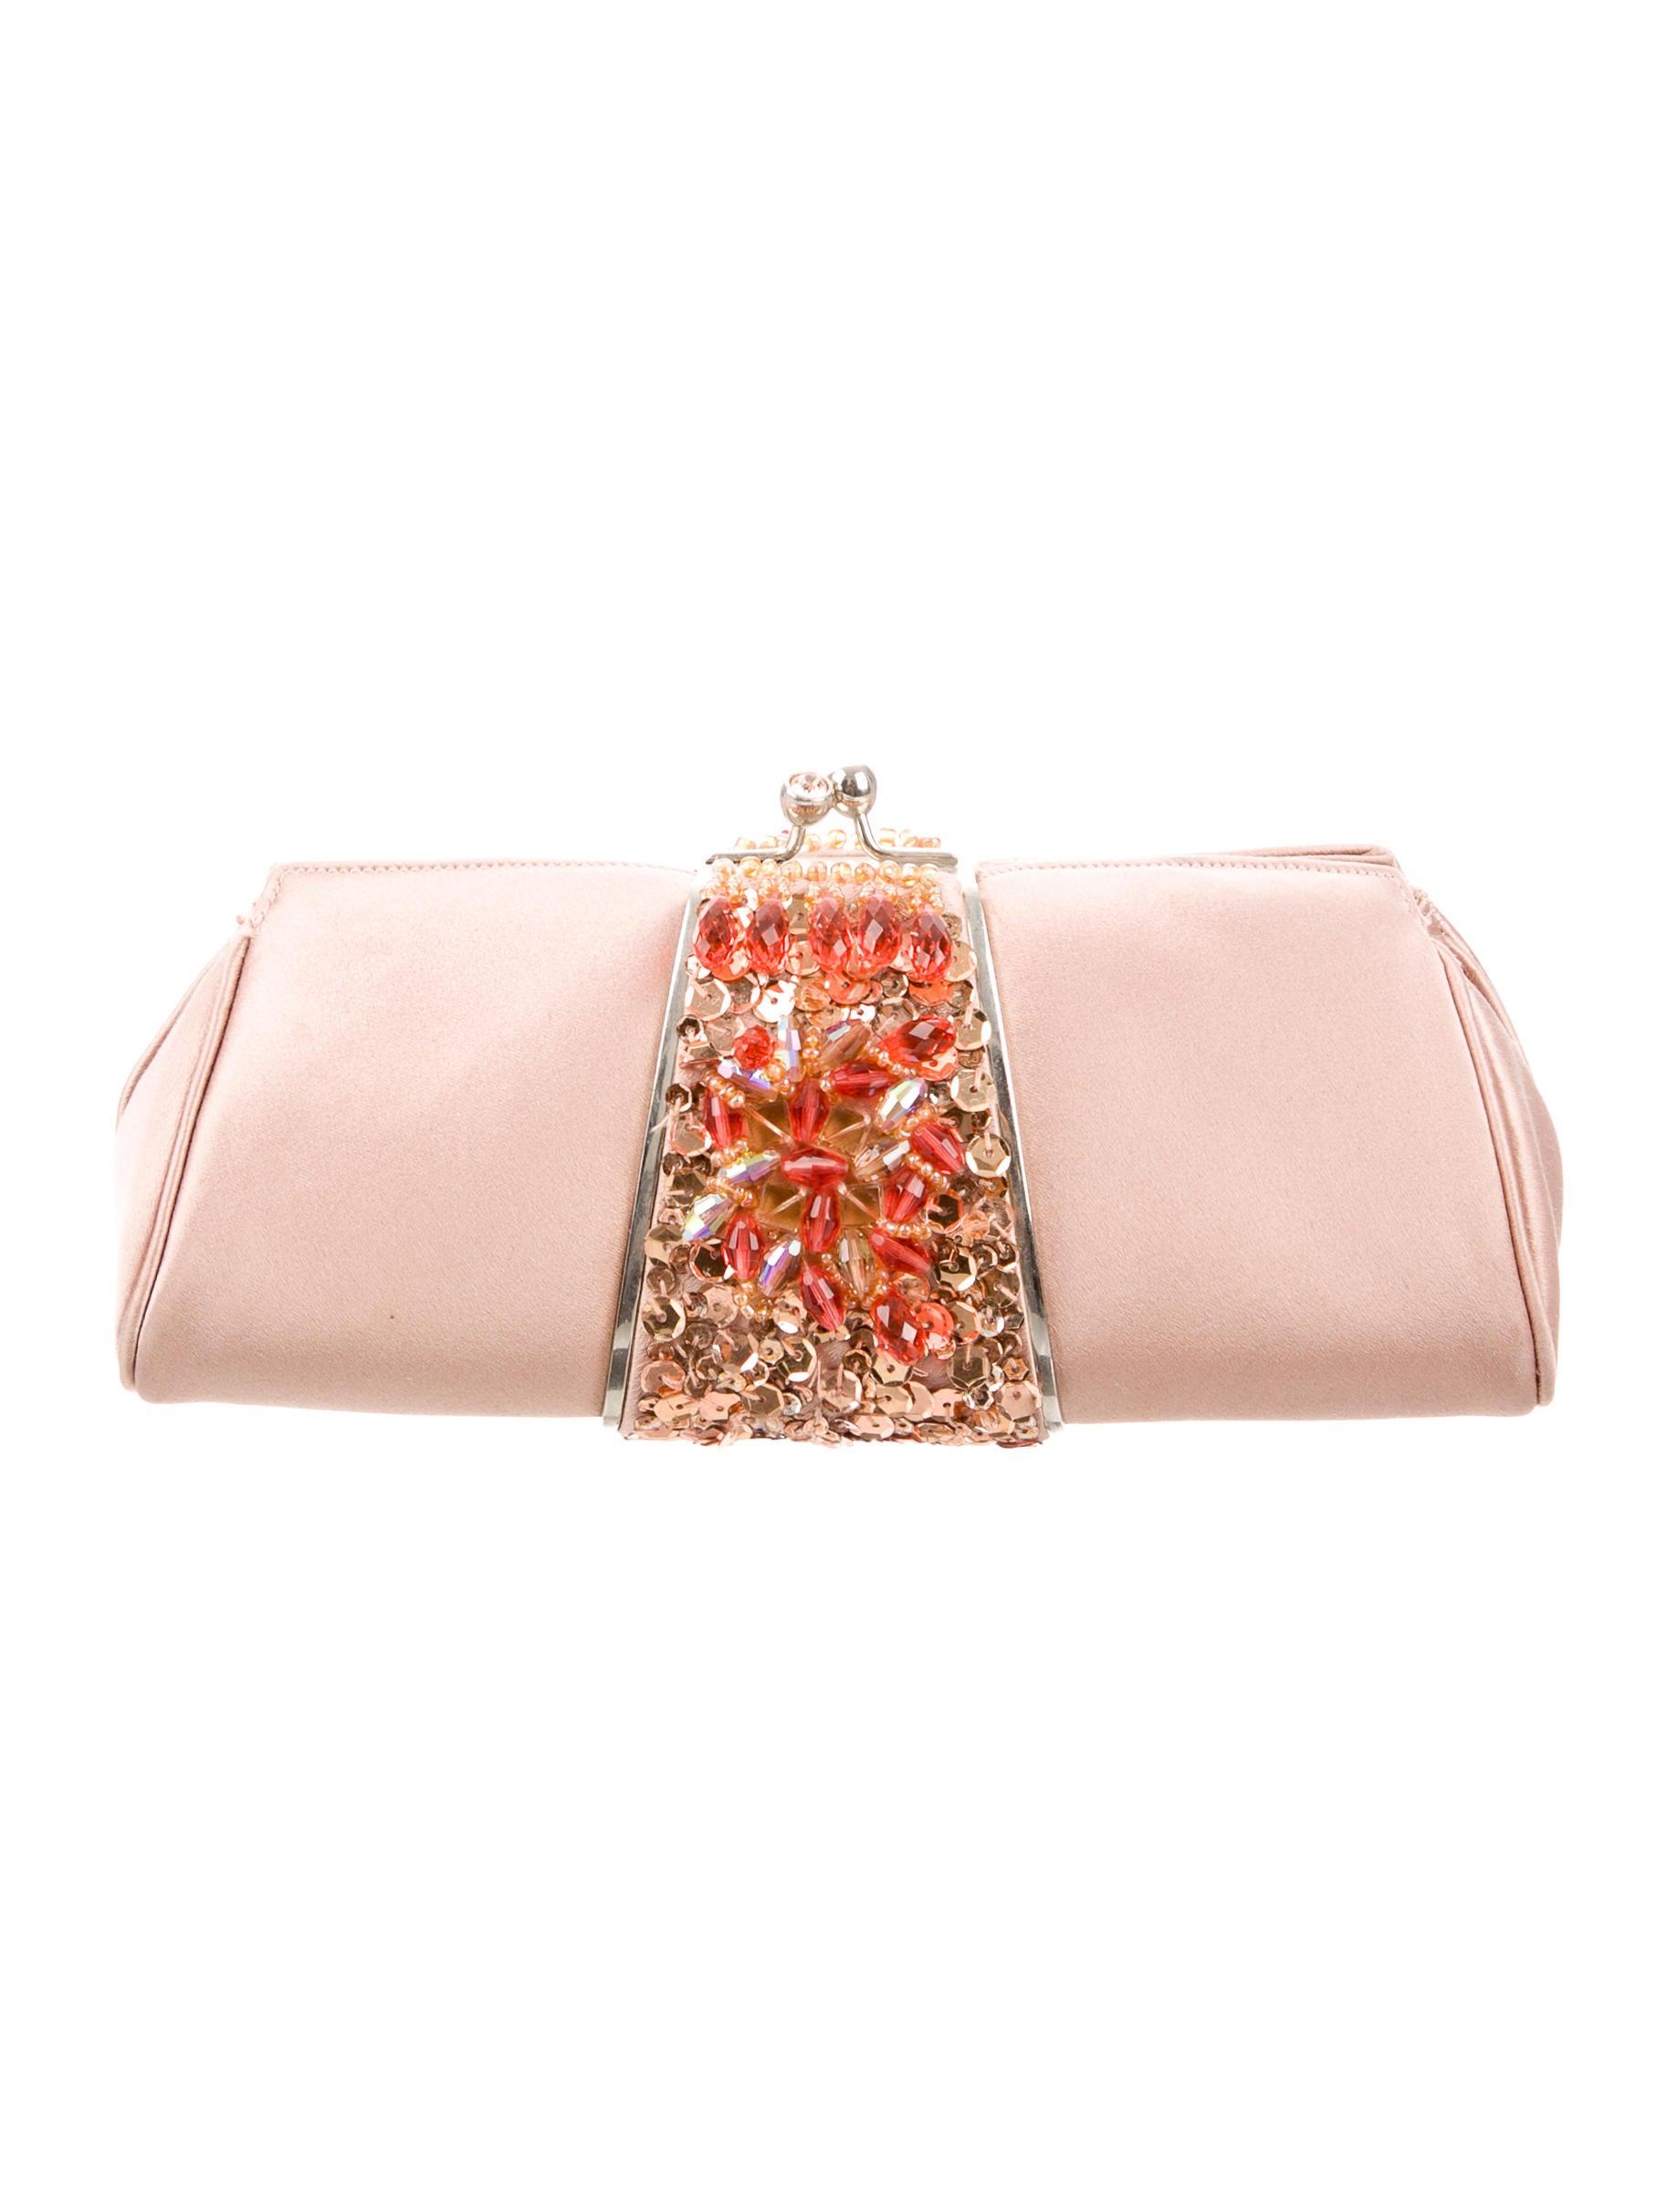 Jeweled Satin Evening Bag